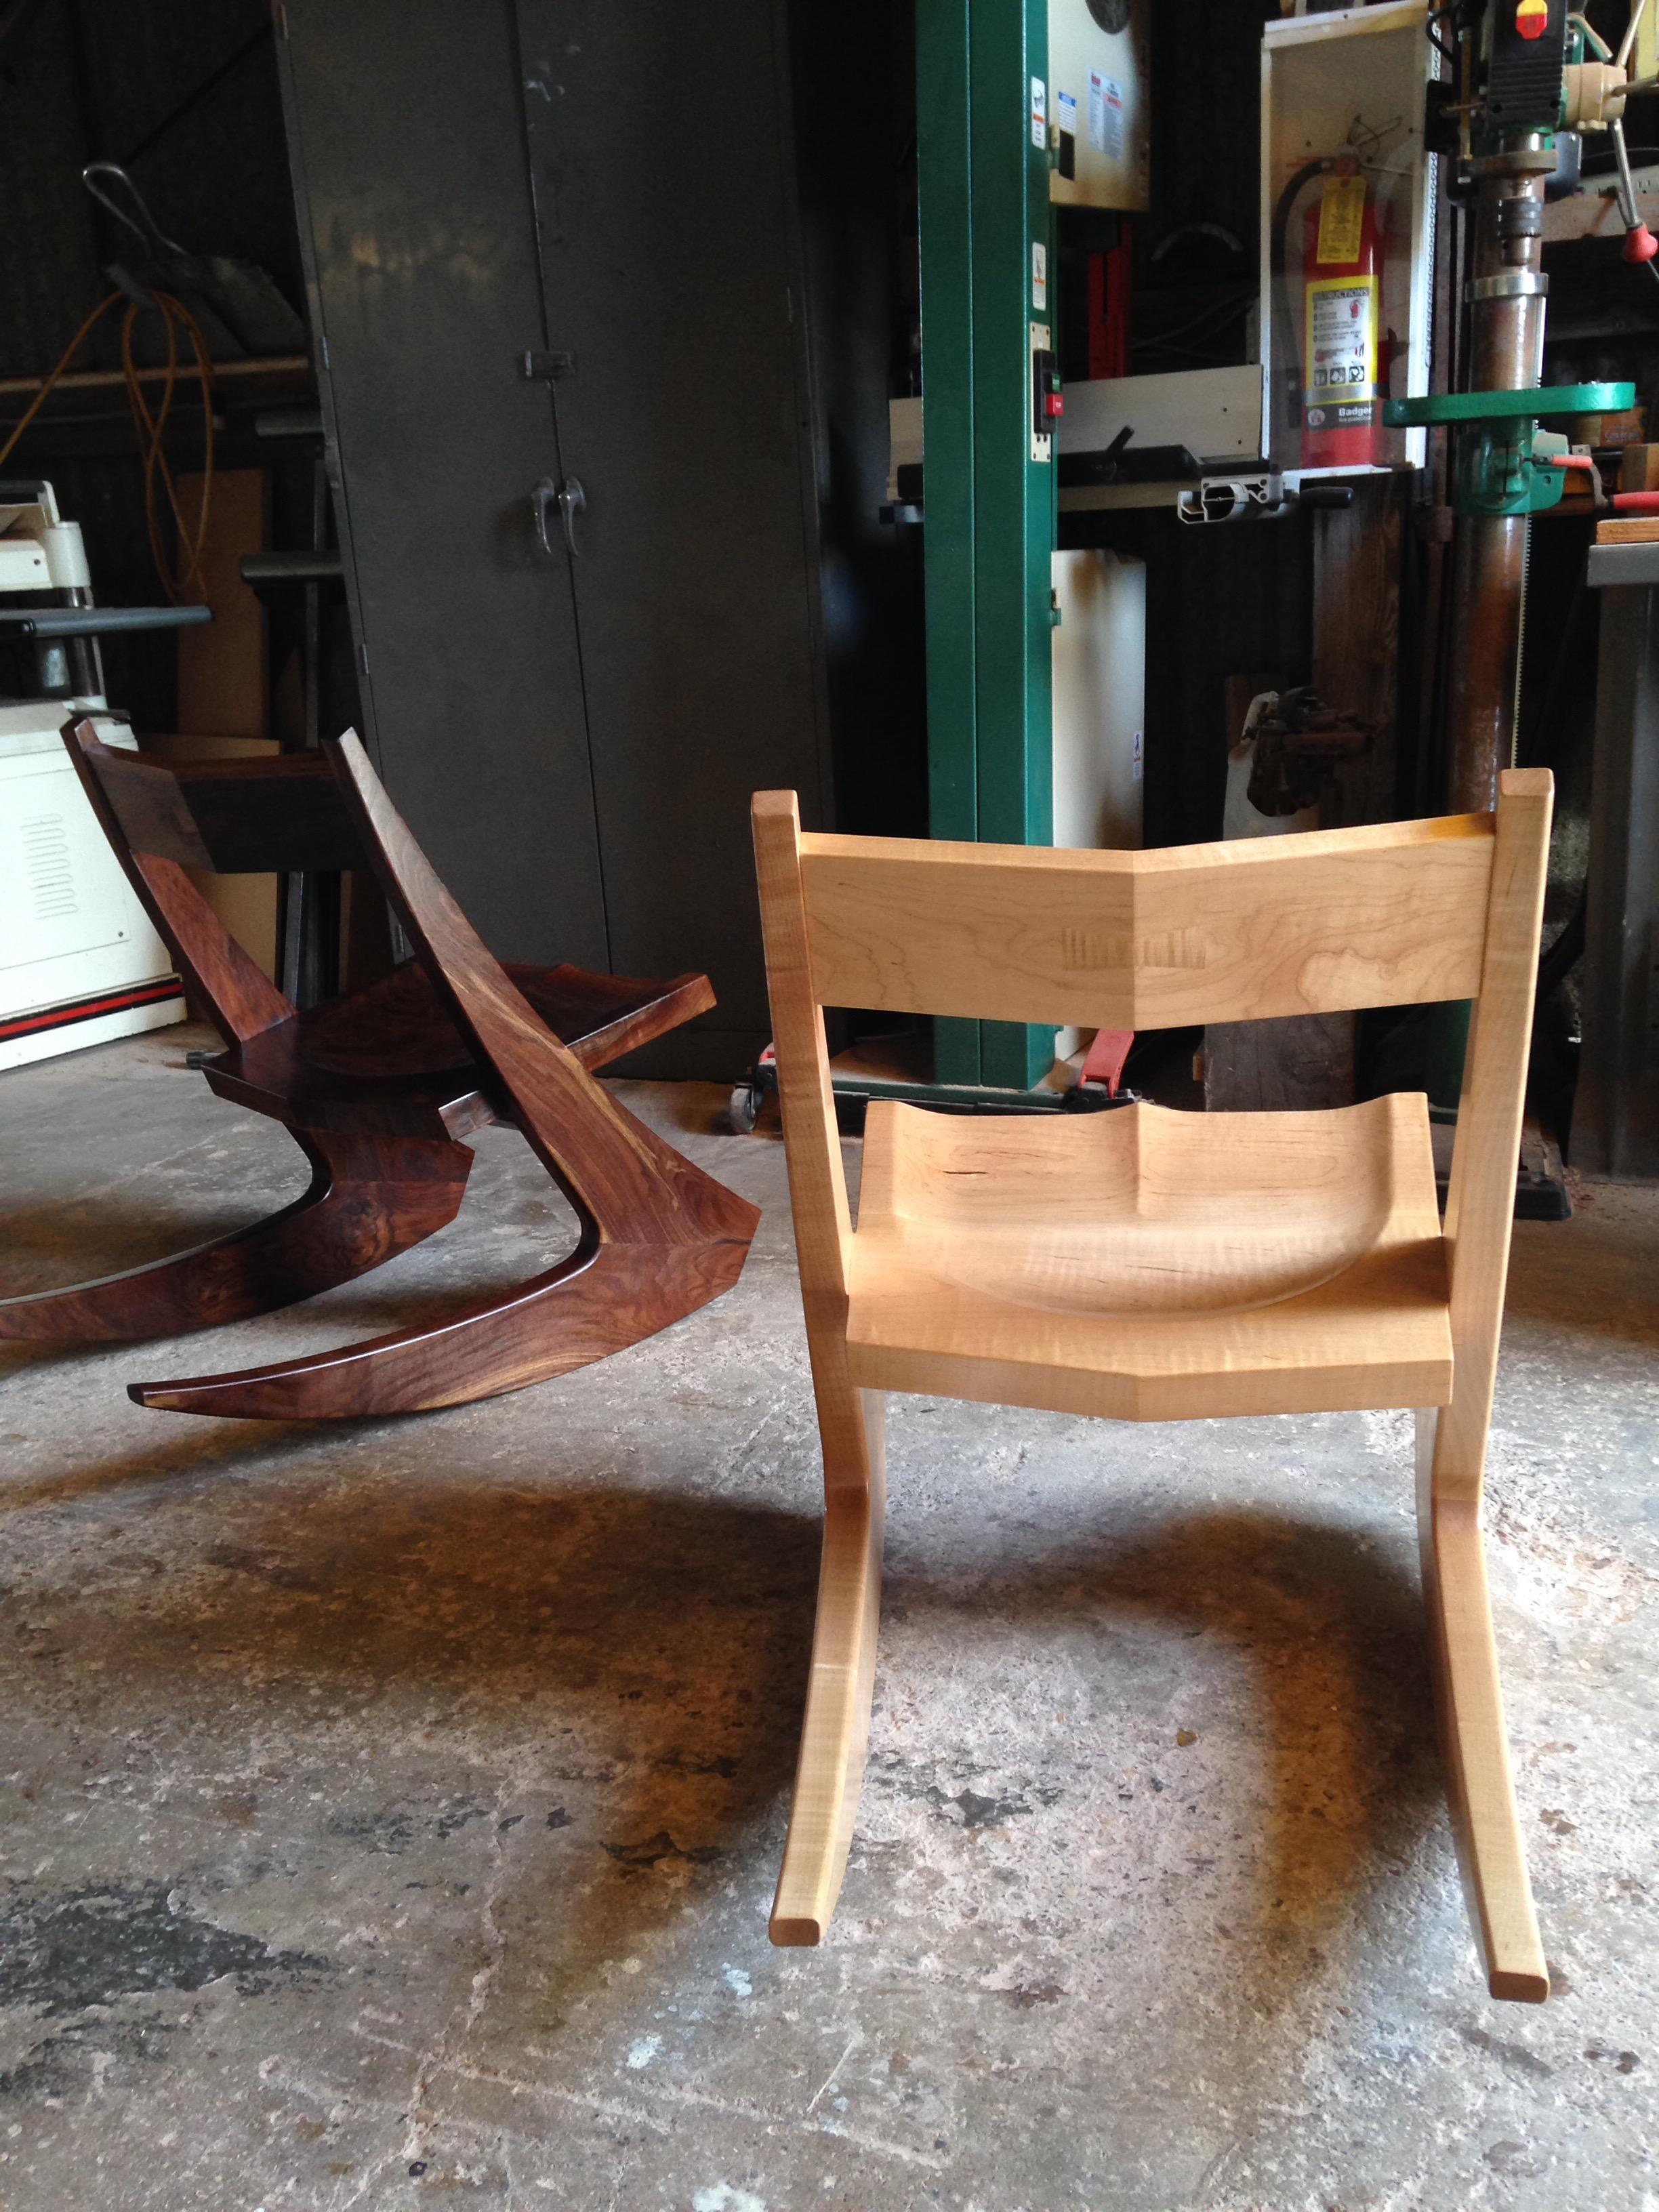 ben-riddering-chair